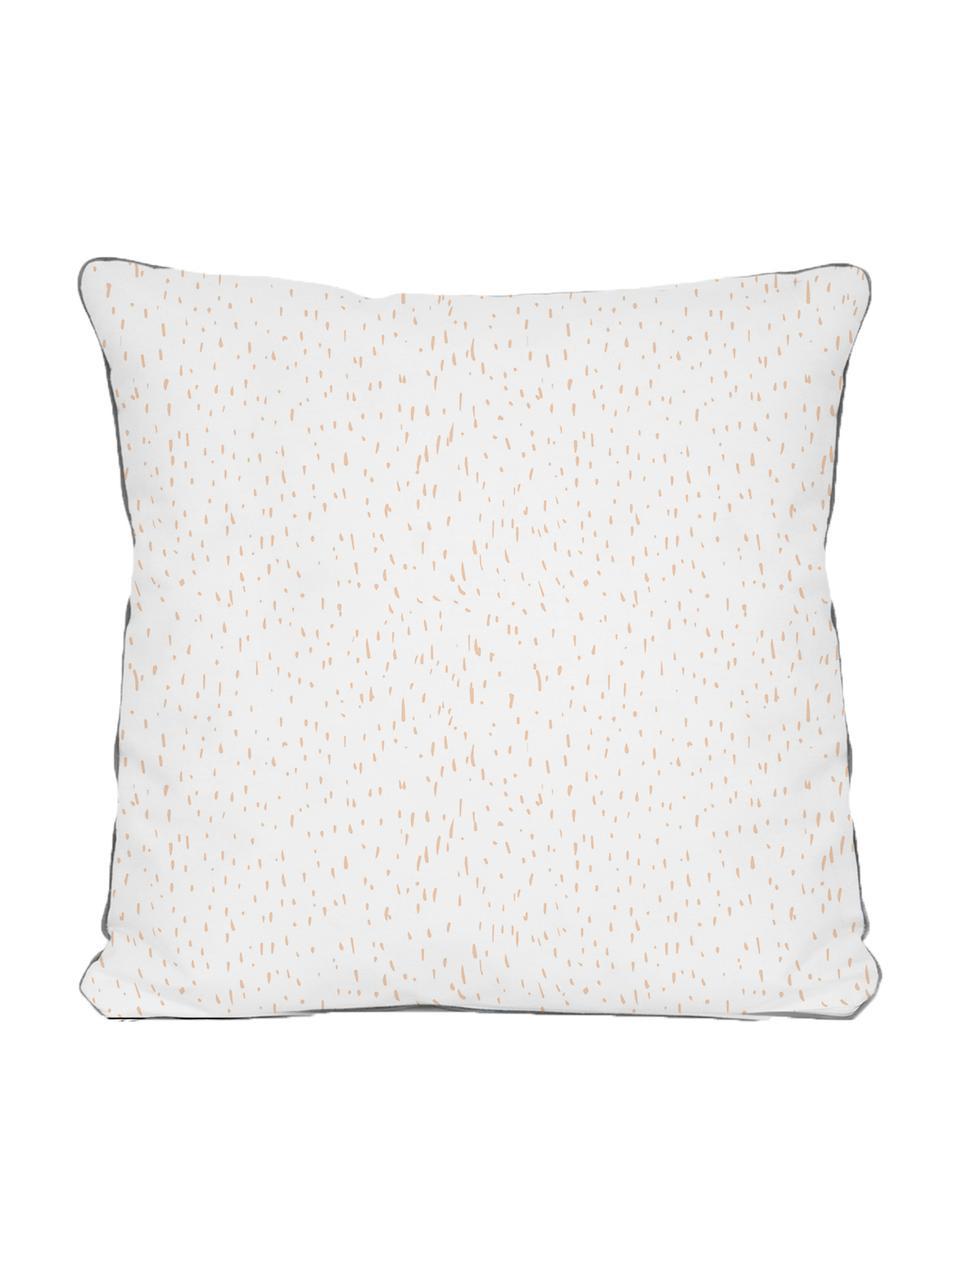 Kissenhülle Rabbit, Polyester, Weiß, Beige, Grau, Schwarz, 45 x 45 cm